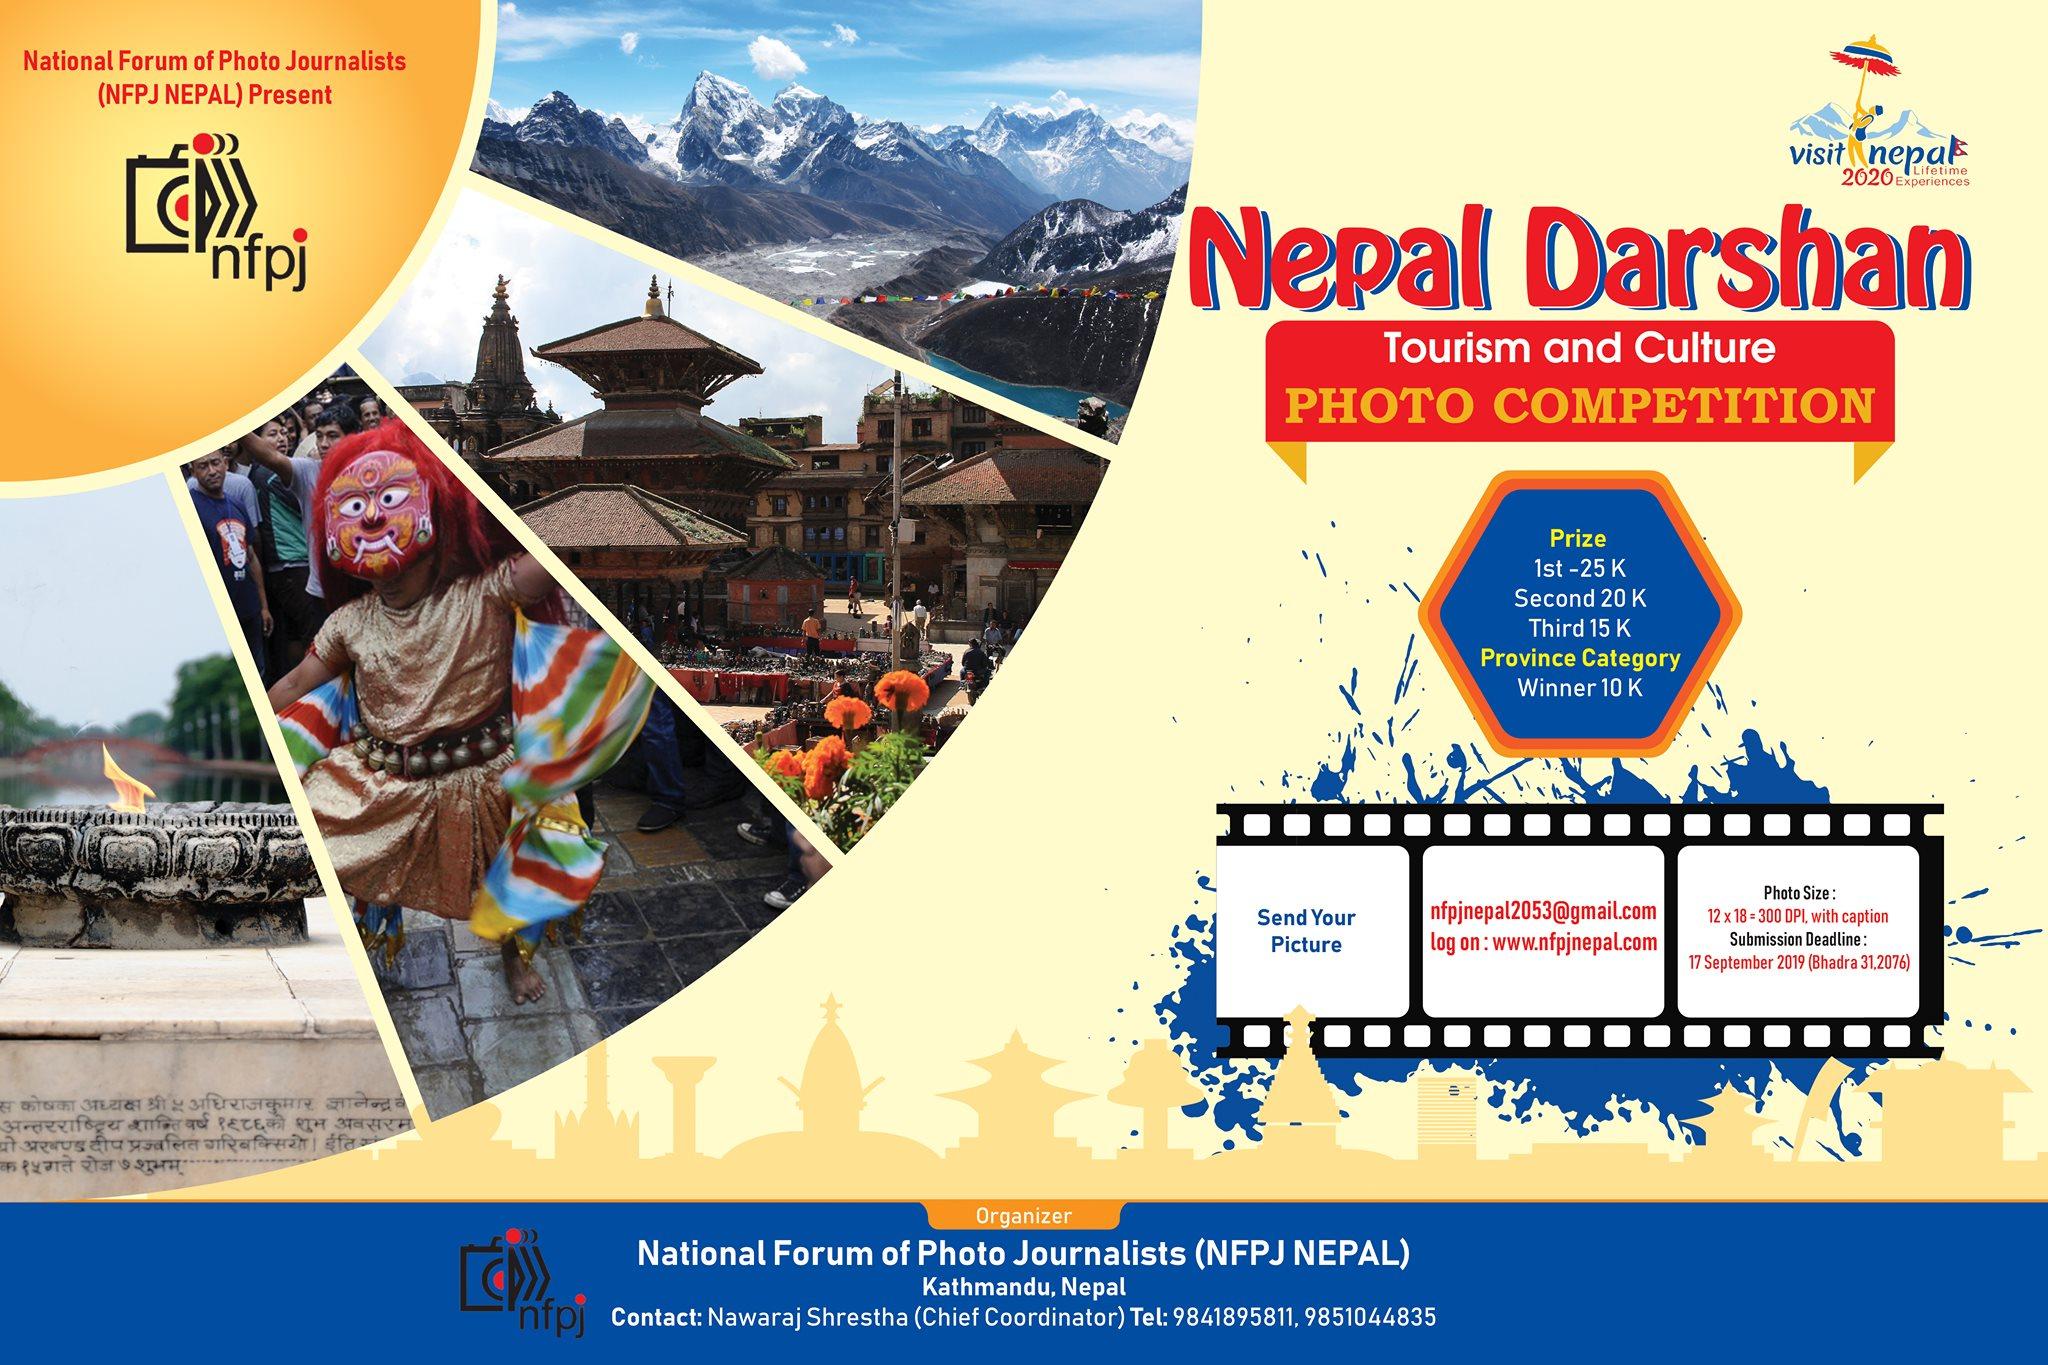 """""""नेपाल दर्शन २०२०"""" सास्कृतिक तथा पर्यटन विधाको फोटो प्रतियोगिता"""